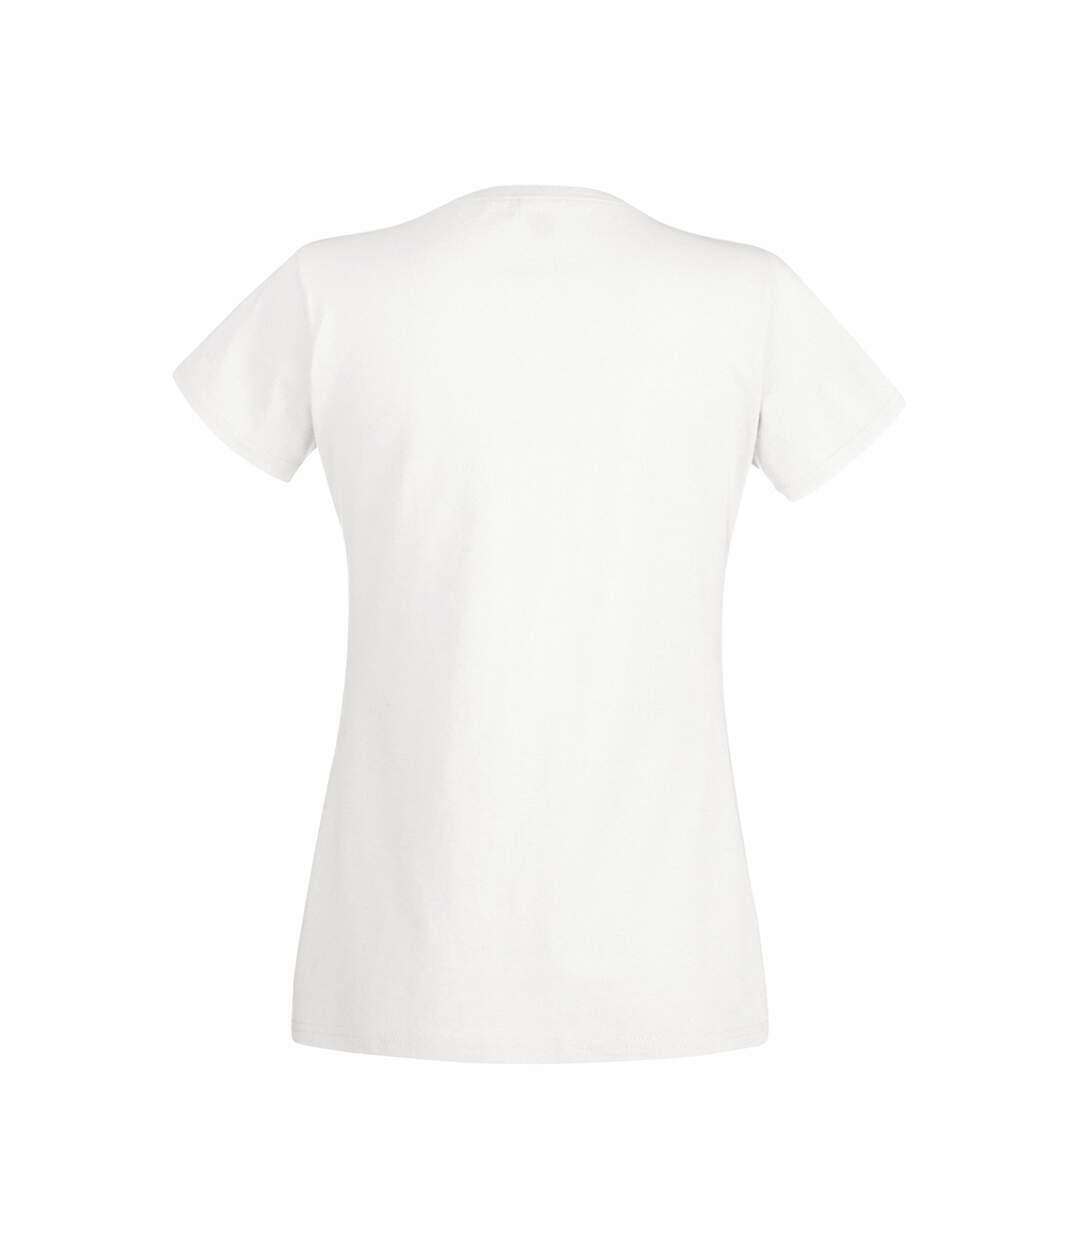 Dégagement Fruit Of The Loom T-Shirt À Manches Courtes Femme Blanc UTBC1361 dsf.d455nksdKLFHG